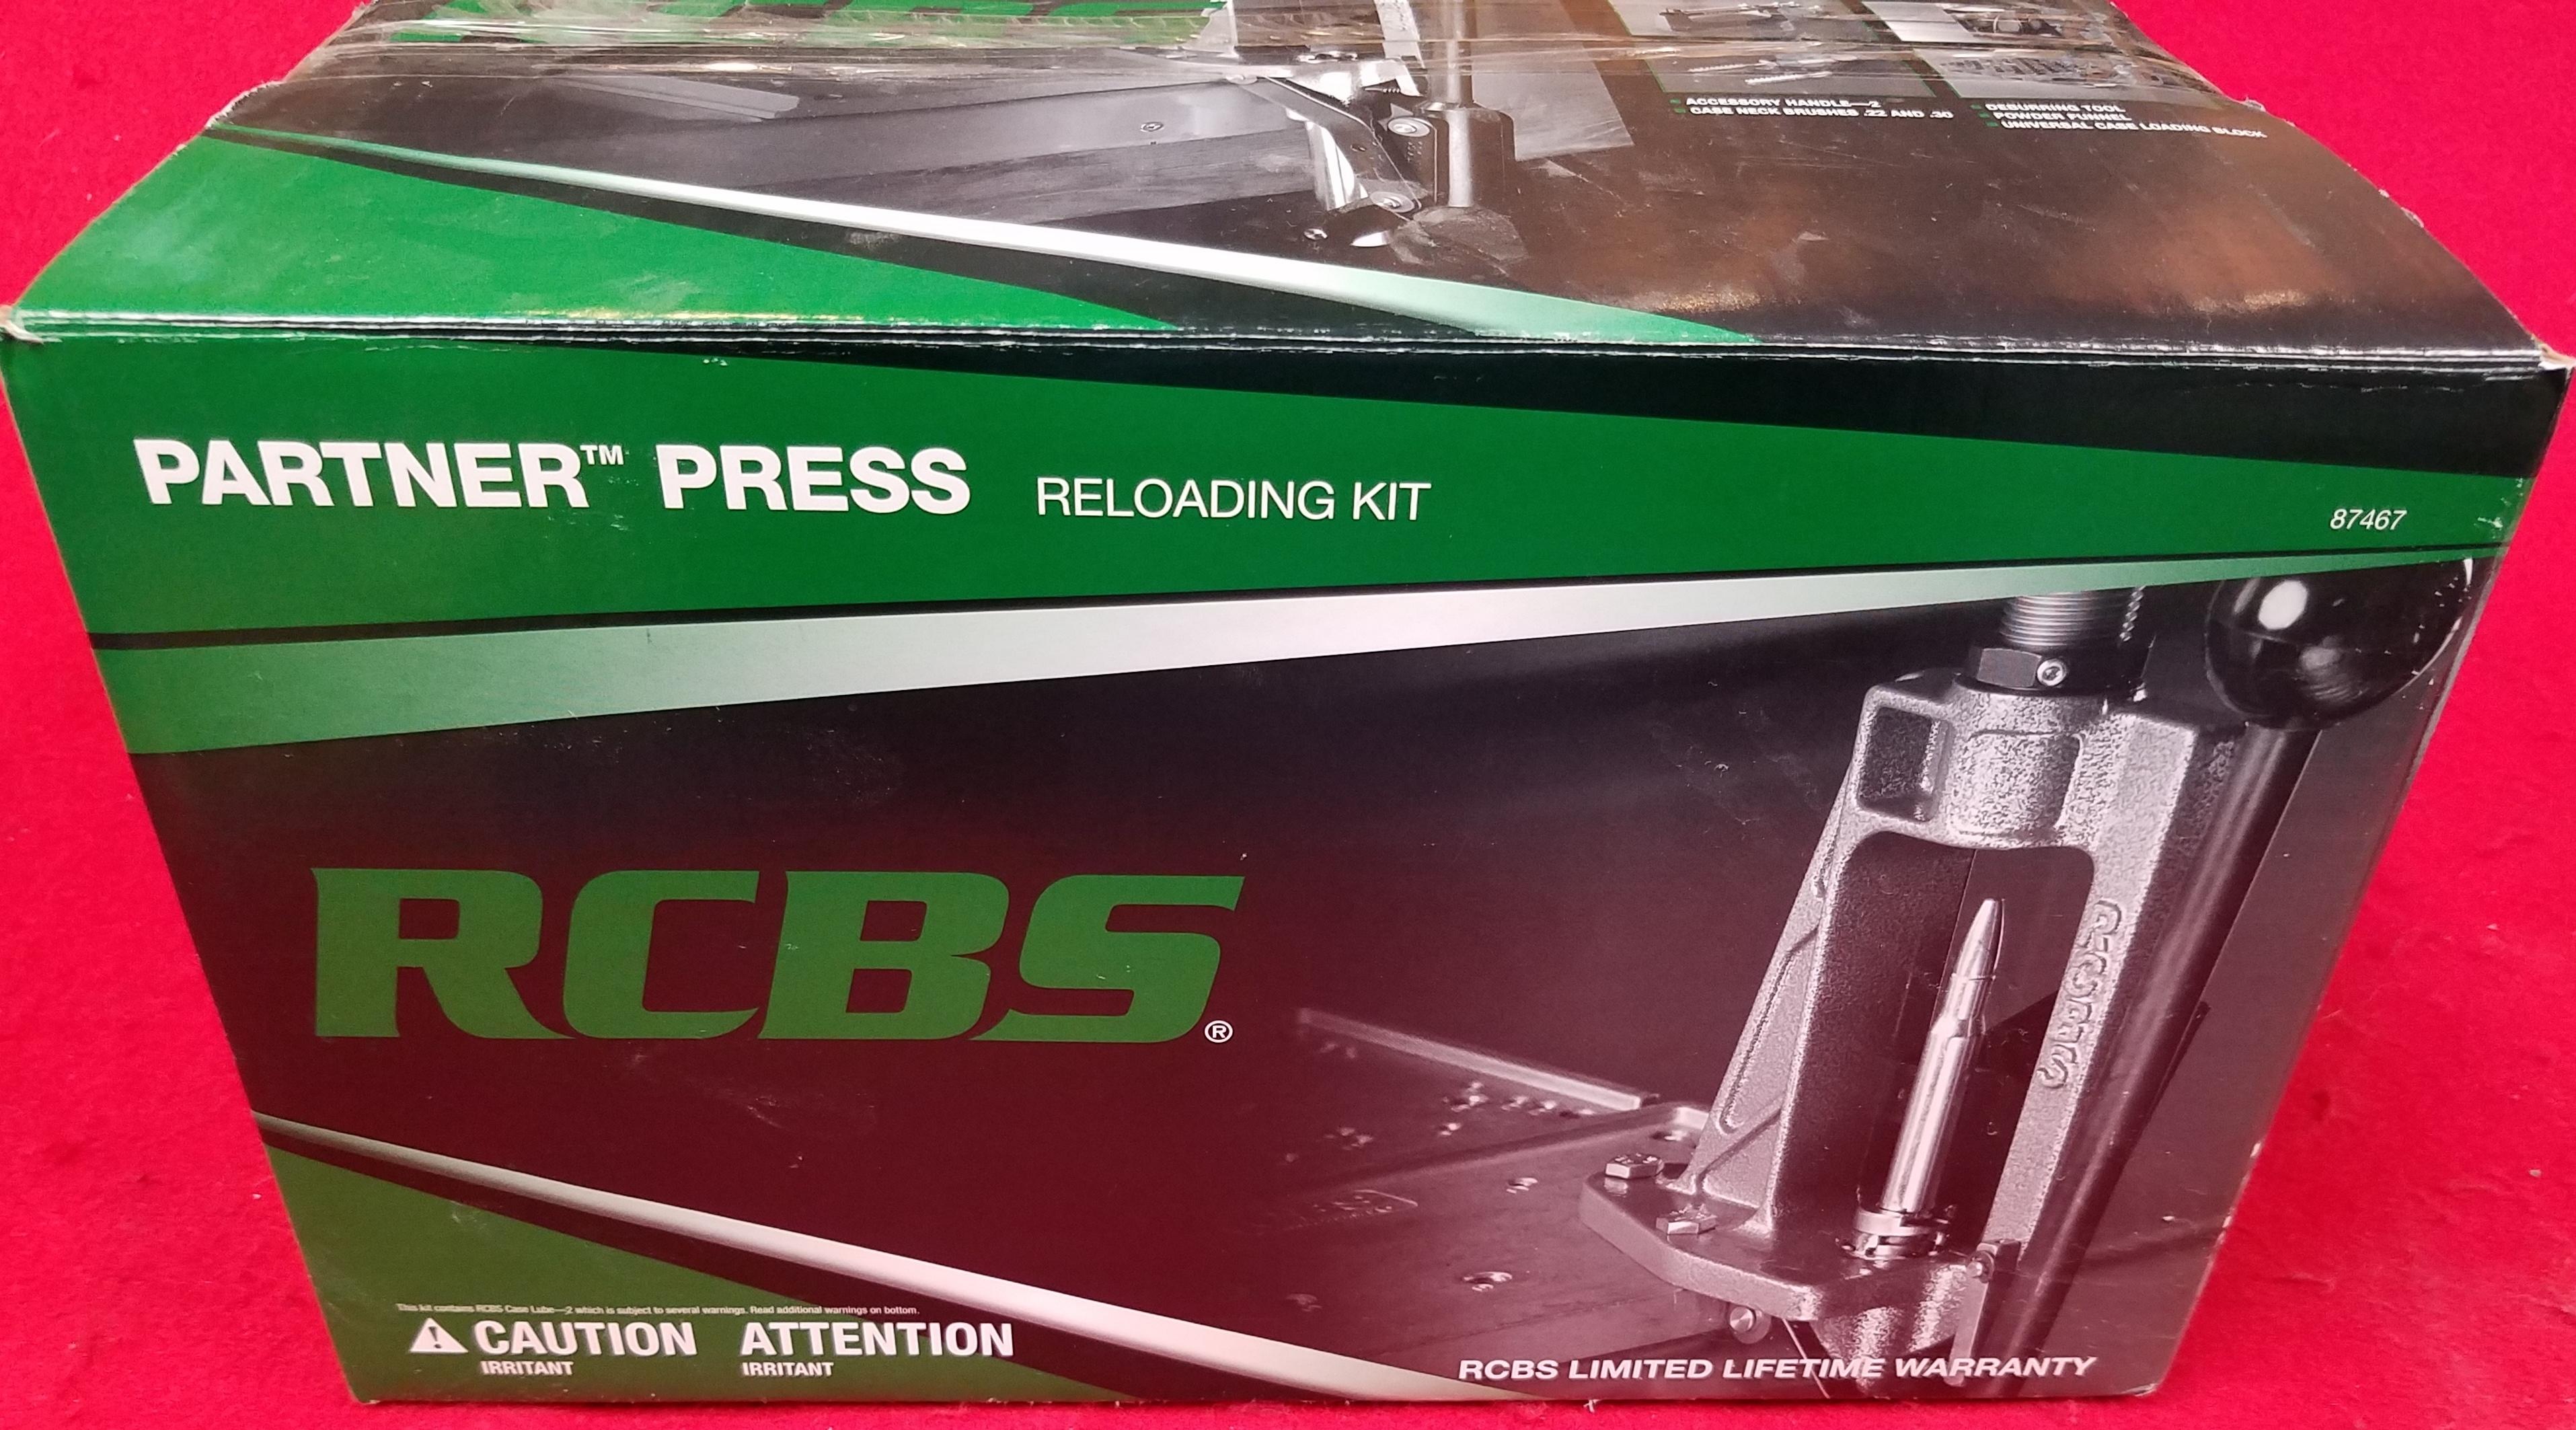 RCBS 87466 - PARTNER PRESS RELOADING KIT